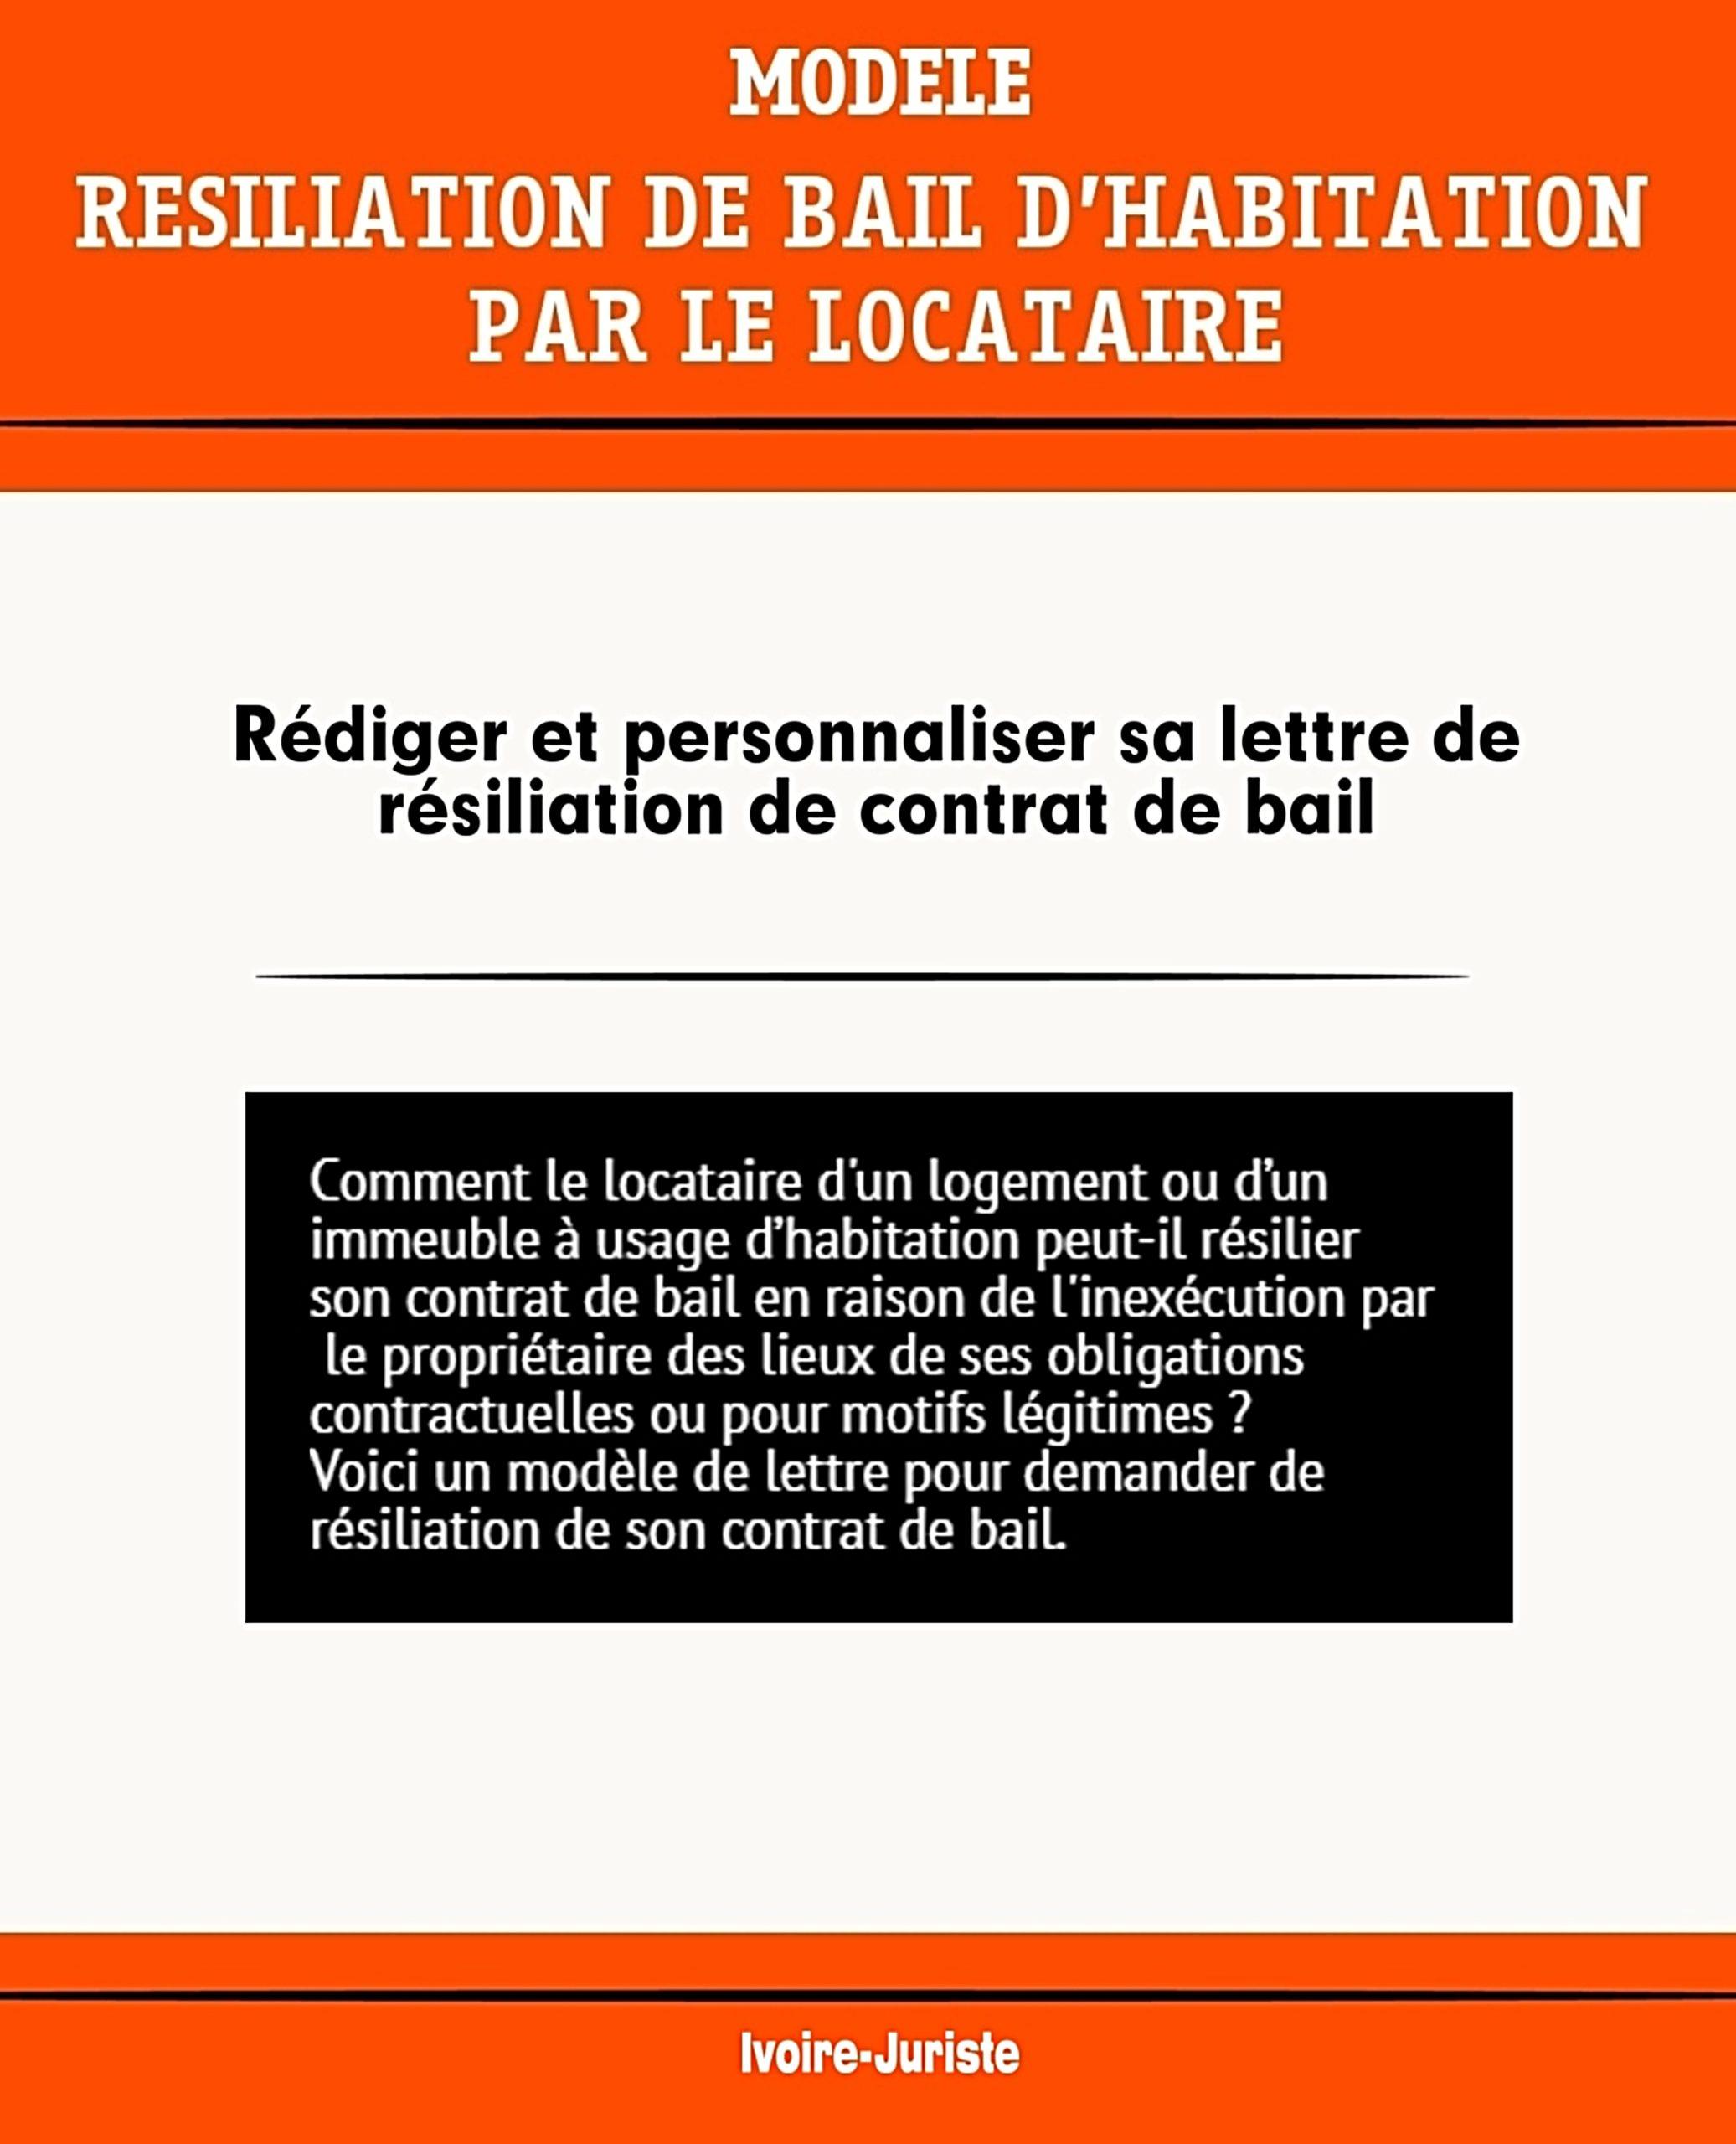 Lettre De Resiliation Du Contrat De Bail D Habitation Par Le Locataire Profession Juriste